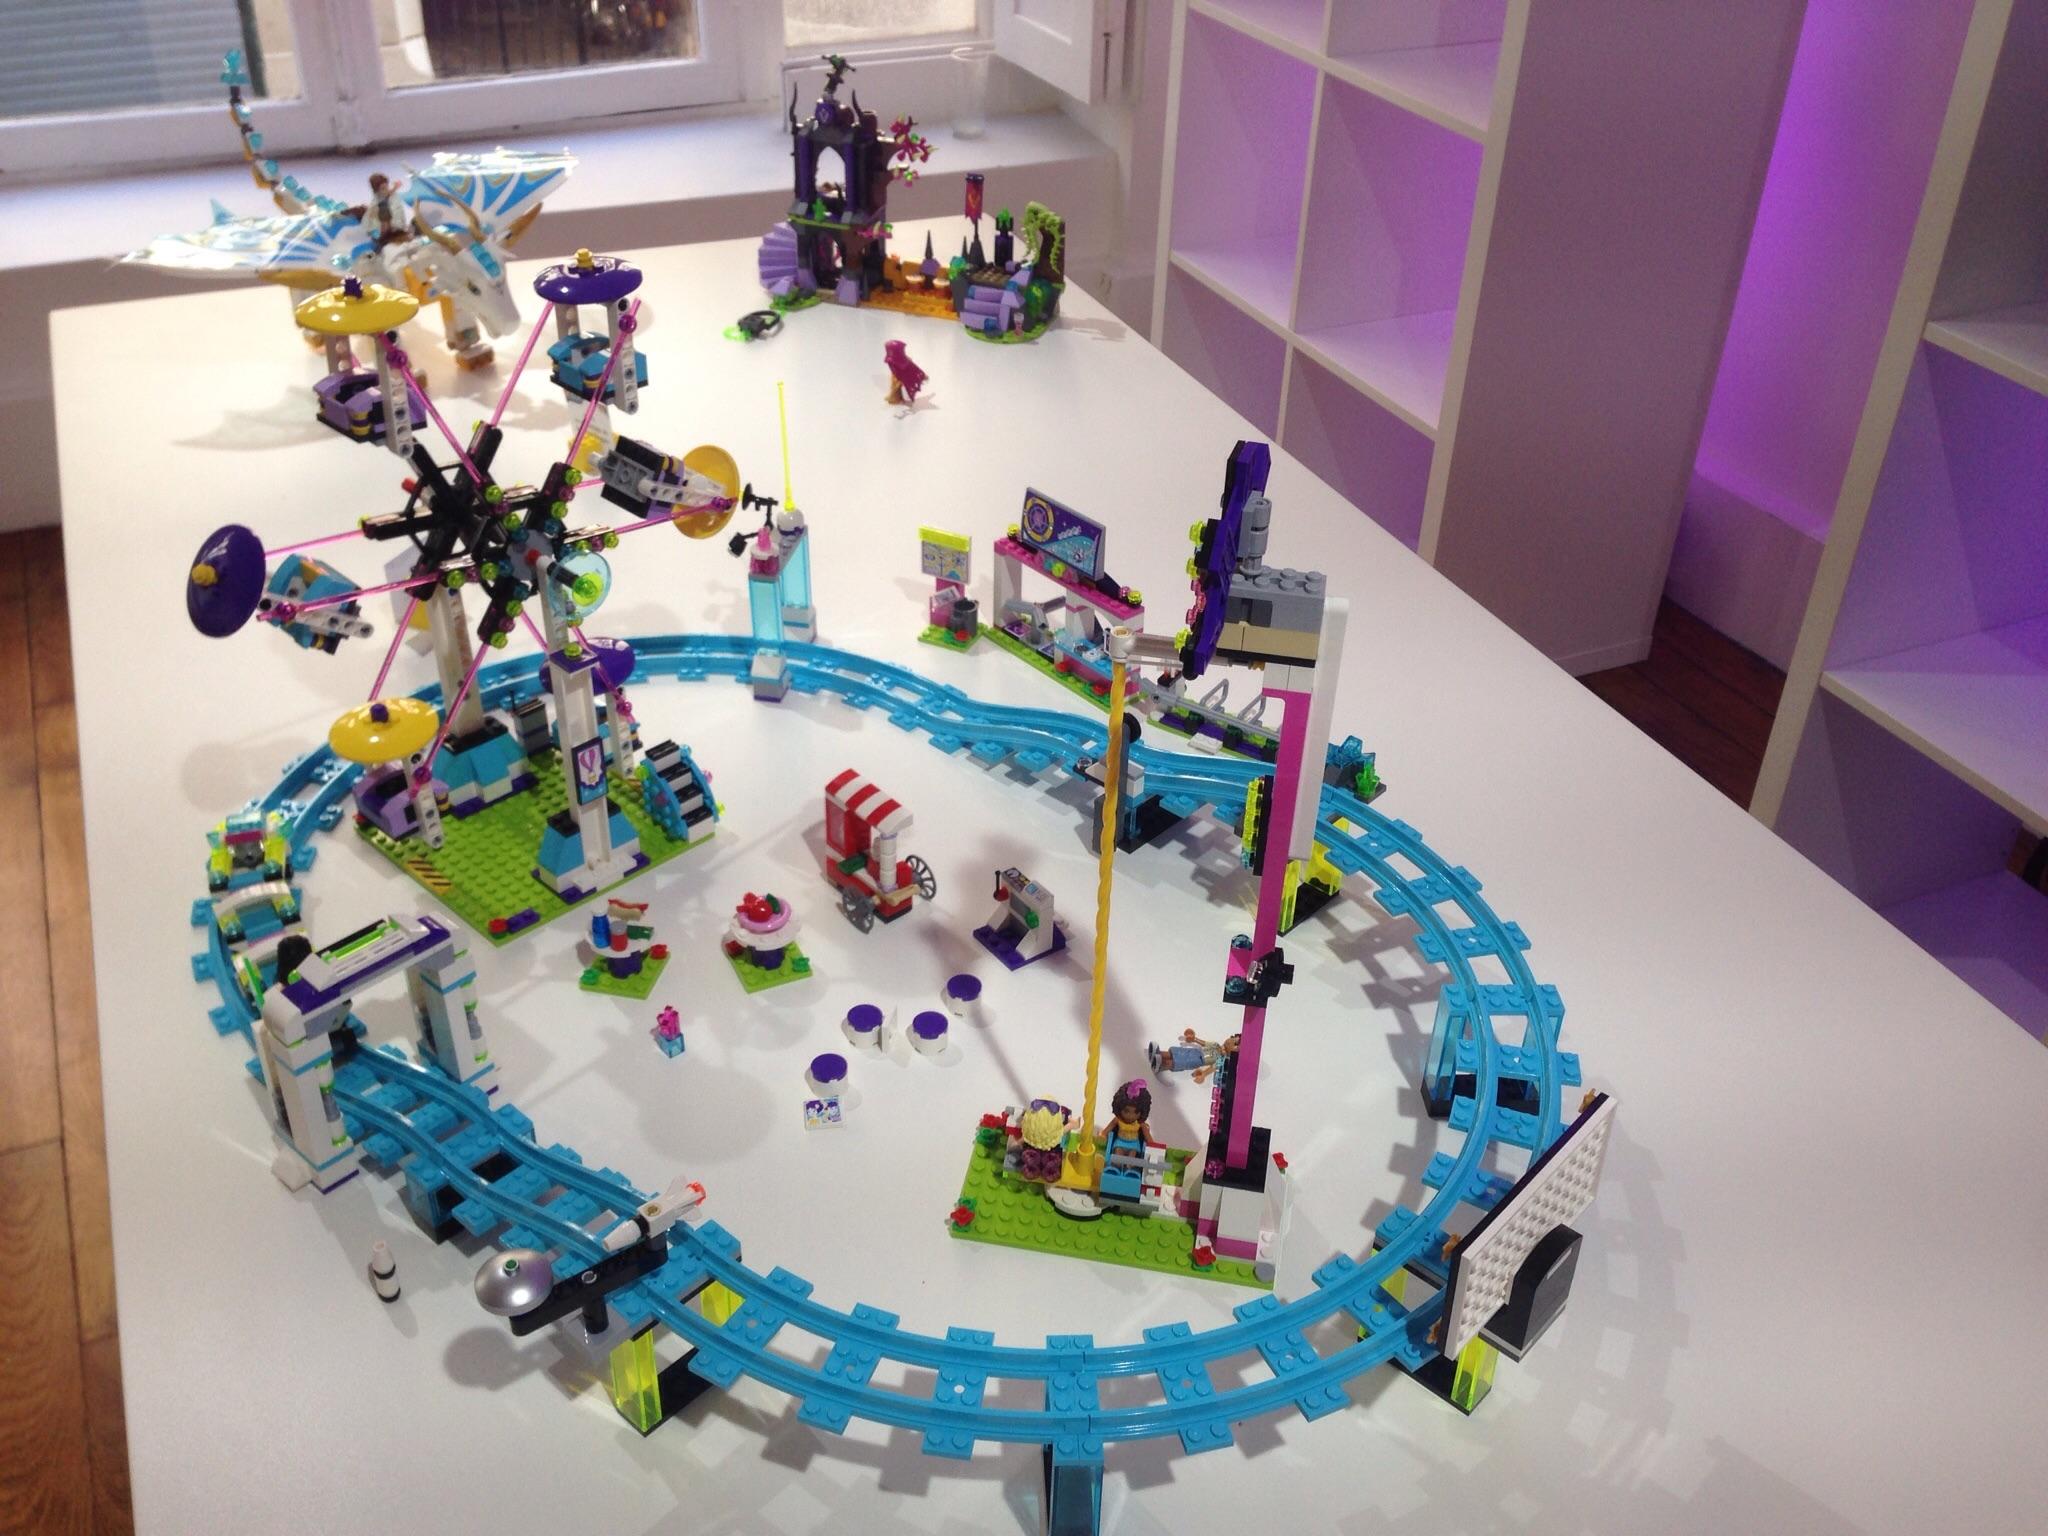 LEGO FRIENDS - LES MONTAGNES RUSSES DU PARC D'ATTRACTIONS - Référence : 41130 (environ 100 €)